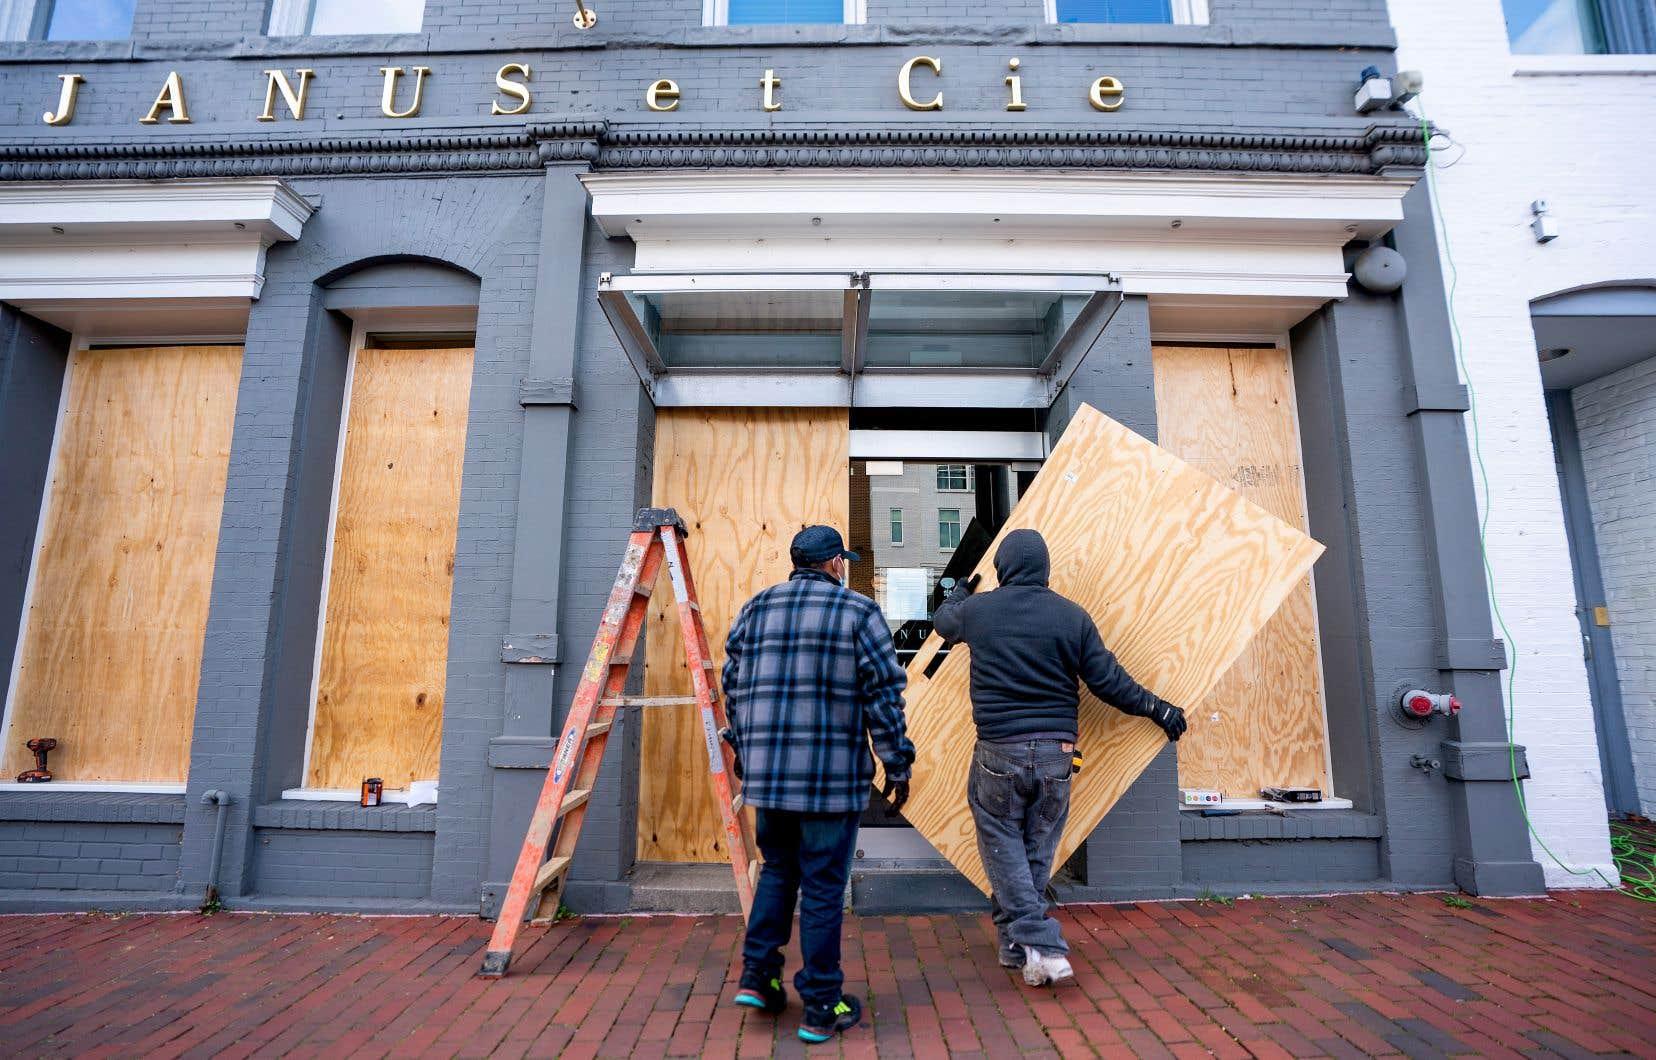 Craignant d'être victimes de vandalisme mardi soir, de nombreux commerçants de Washington ont protégé leur magasin.